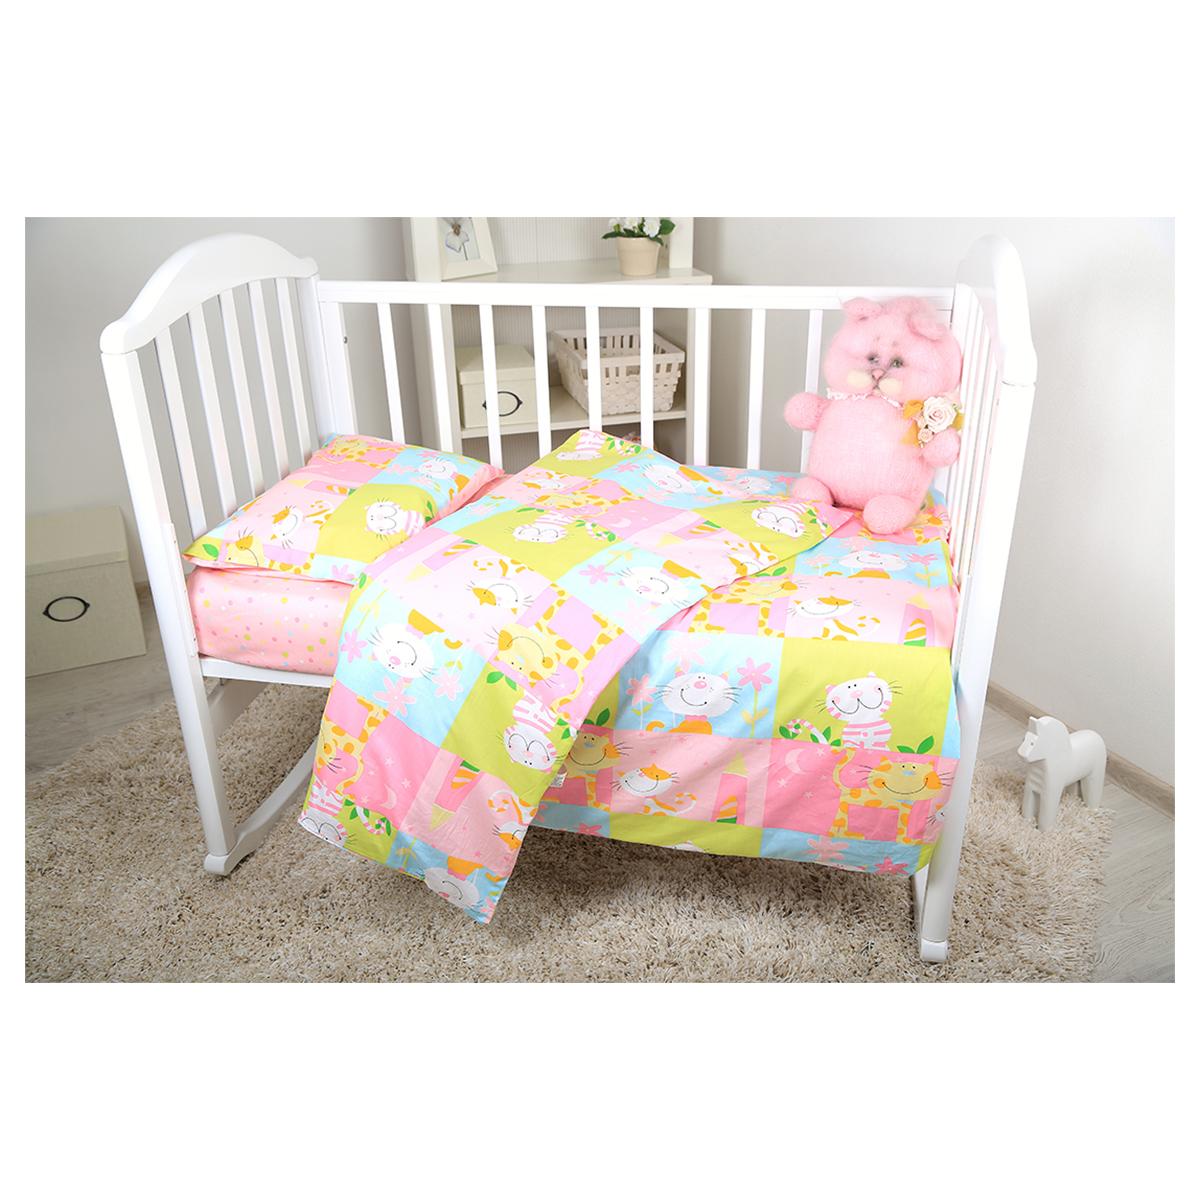 Baby Nice Комплект белья для новорожденных Веселые котята цвет розовыйВ 40010Комплект белья для новорожденных Baby Nice Веселые котята - нежный сатин делает детское постельное белье мягкими и шелковистыми. Красивое детское постельное белье помогает детям заснуть: они с удовольствием ложатся в кроватку и просыпаются в хорошем настроении. Этому способствуют и замечательные характеристики сатина: гипоаллергенность, отличный влаго- и теплообмен.